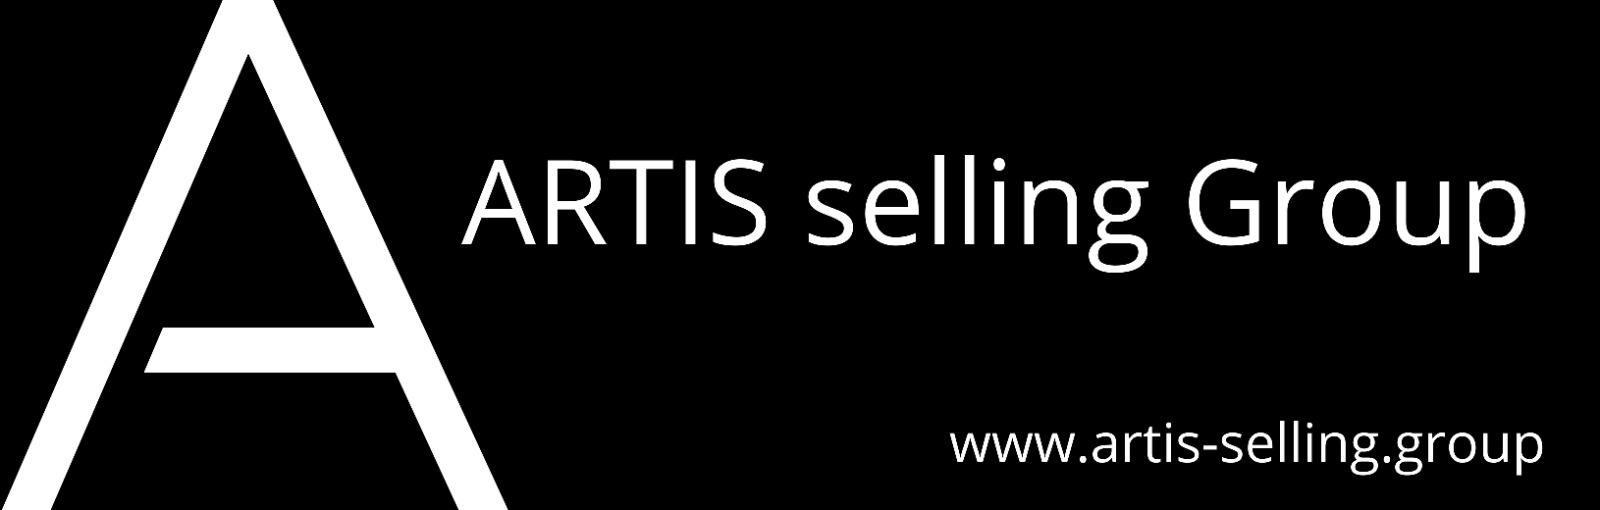 Logo ARTIS selling Group